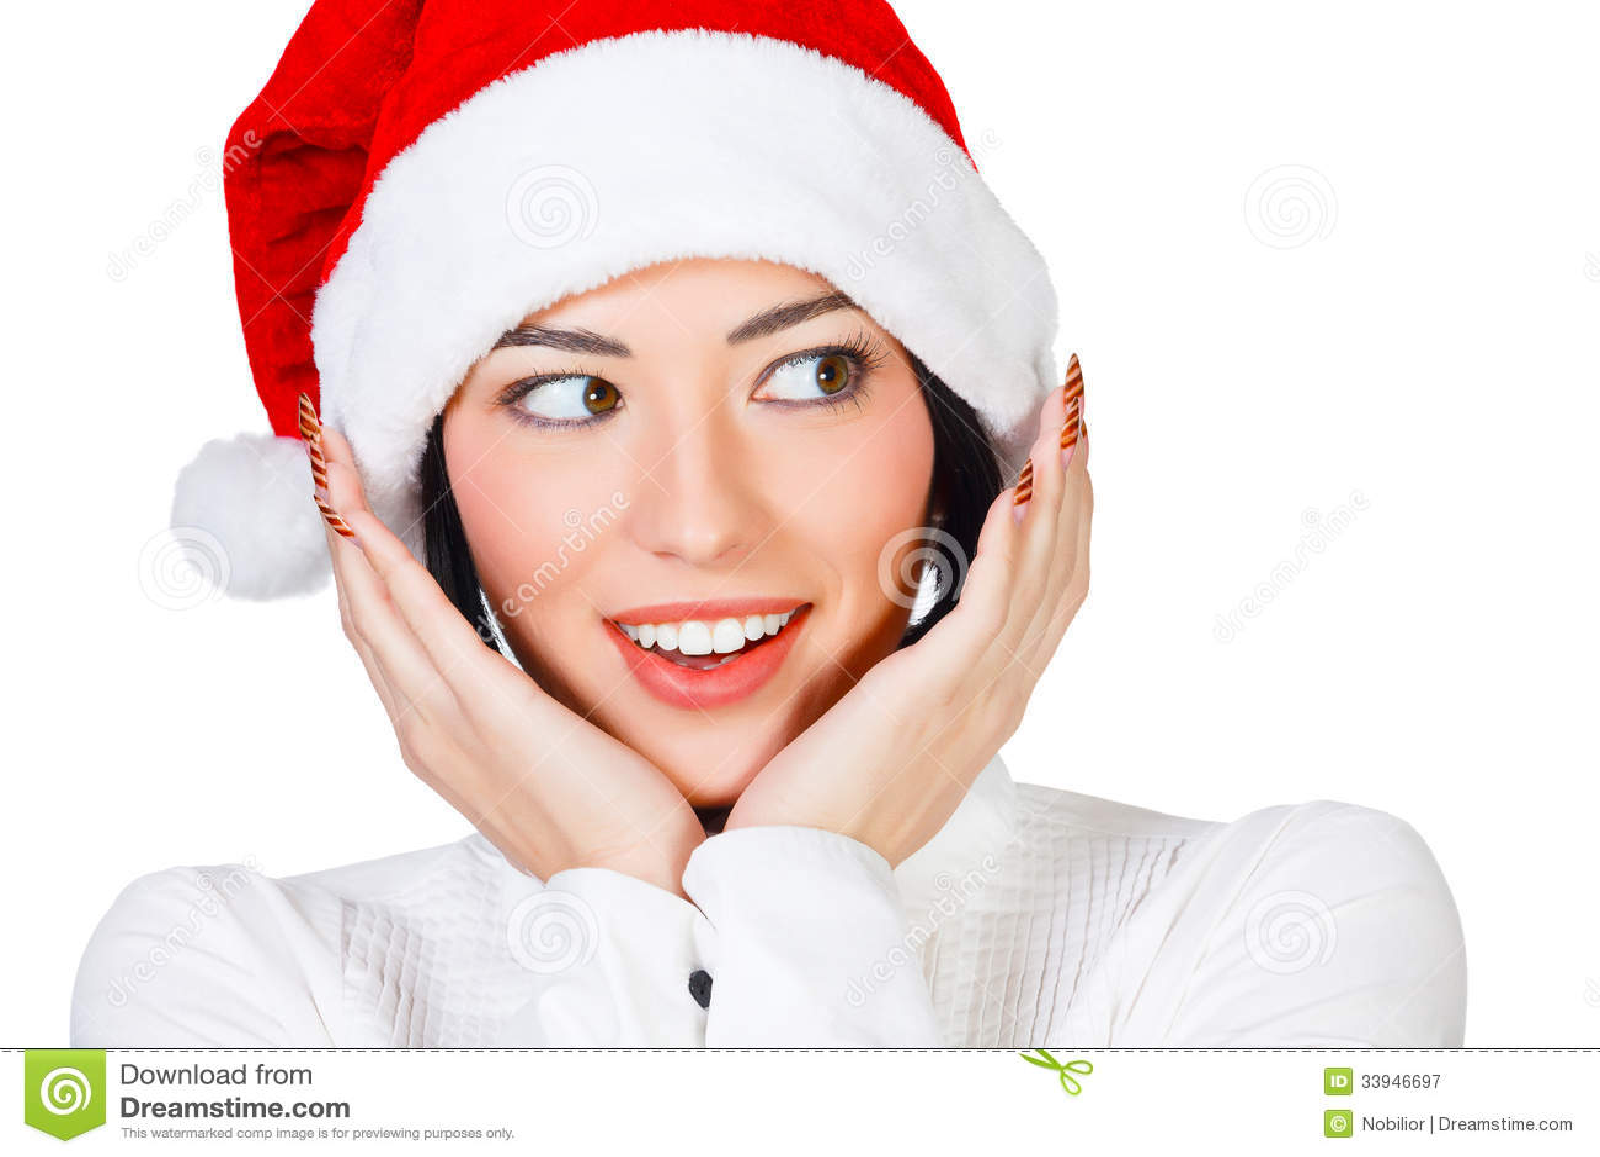 Donna Con Il Cappello Di Natale Immagine Stock - Immagine ...